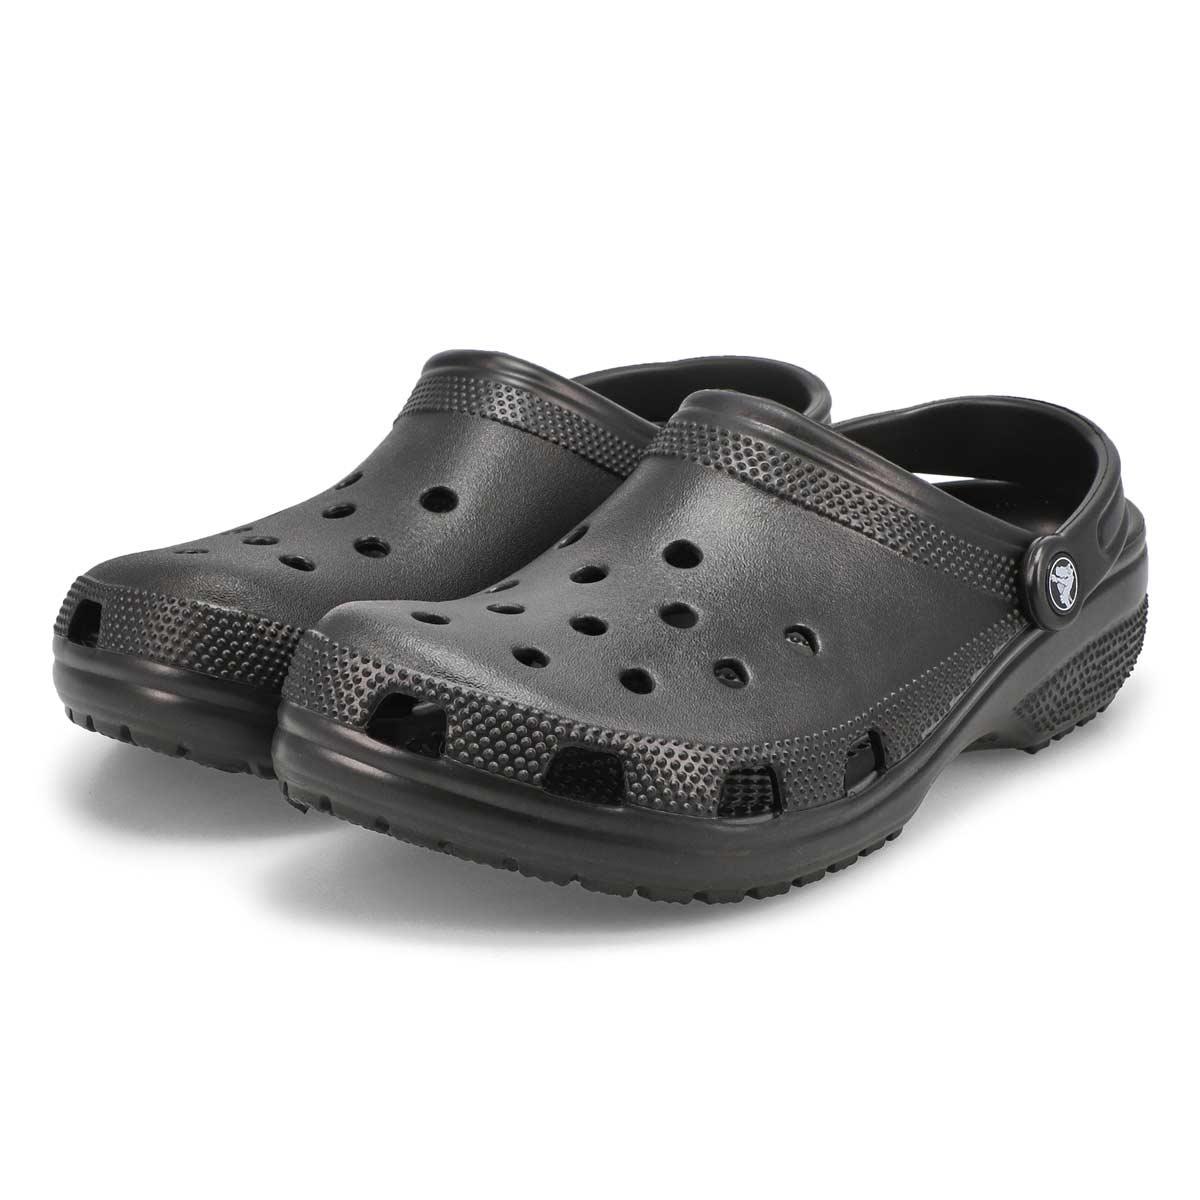 Mns Classic black EVA comfort clog